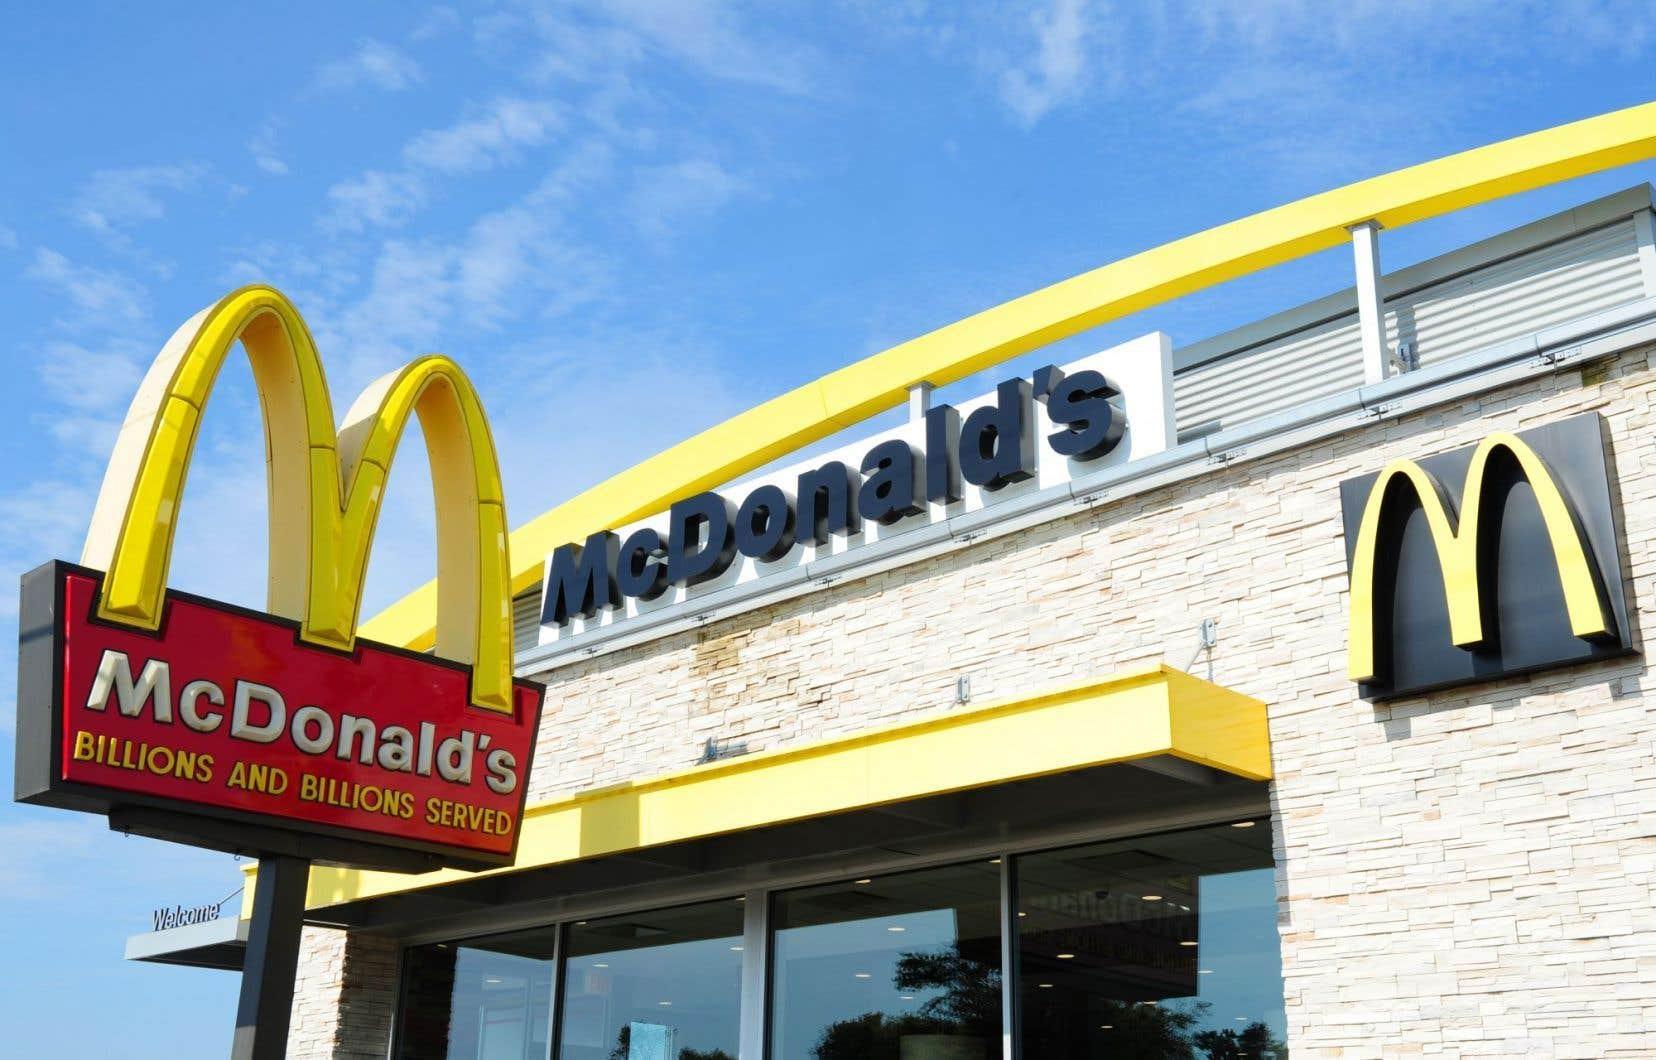 McDonald's Canada assure que ses formulaires de demande d'emploi n'exigent pas de donner le numéro d'assurance sociale, des renseignements bancaires, ni des renseignements sur la santé.